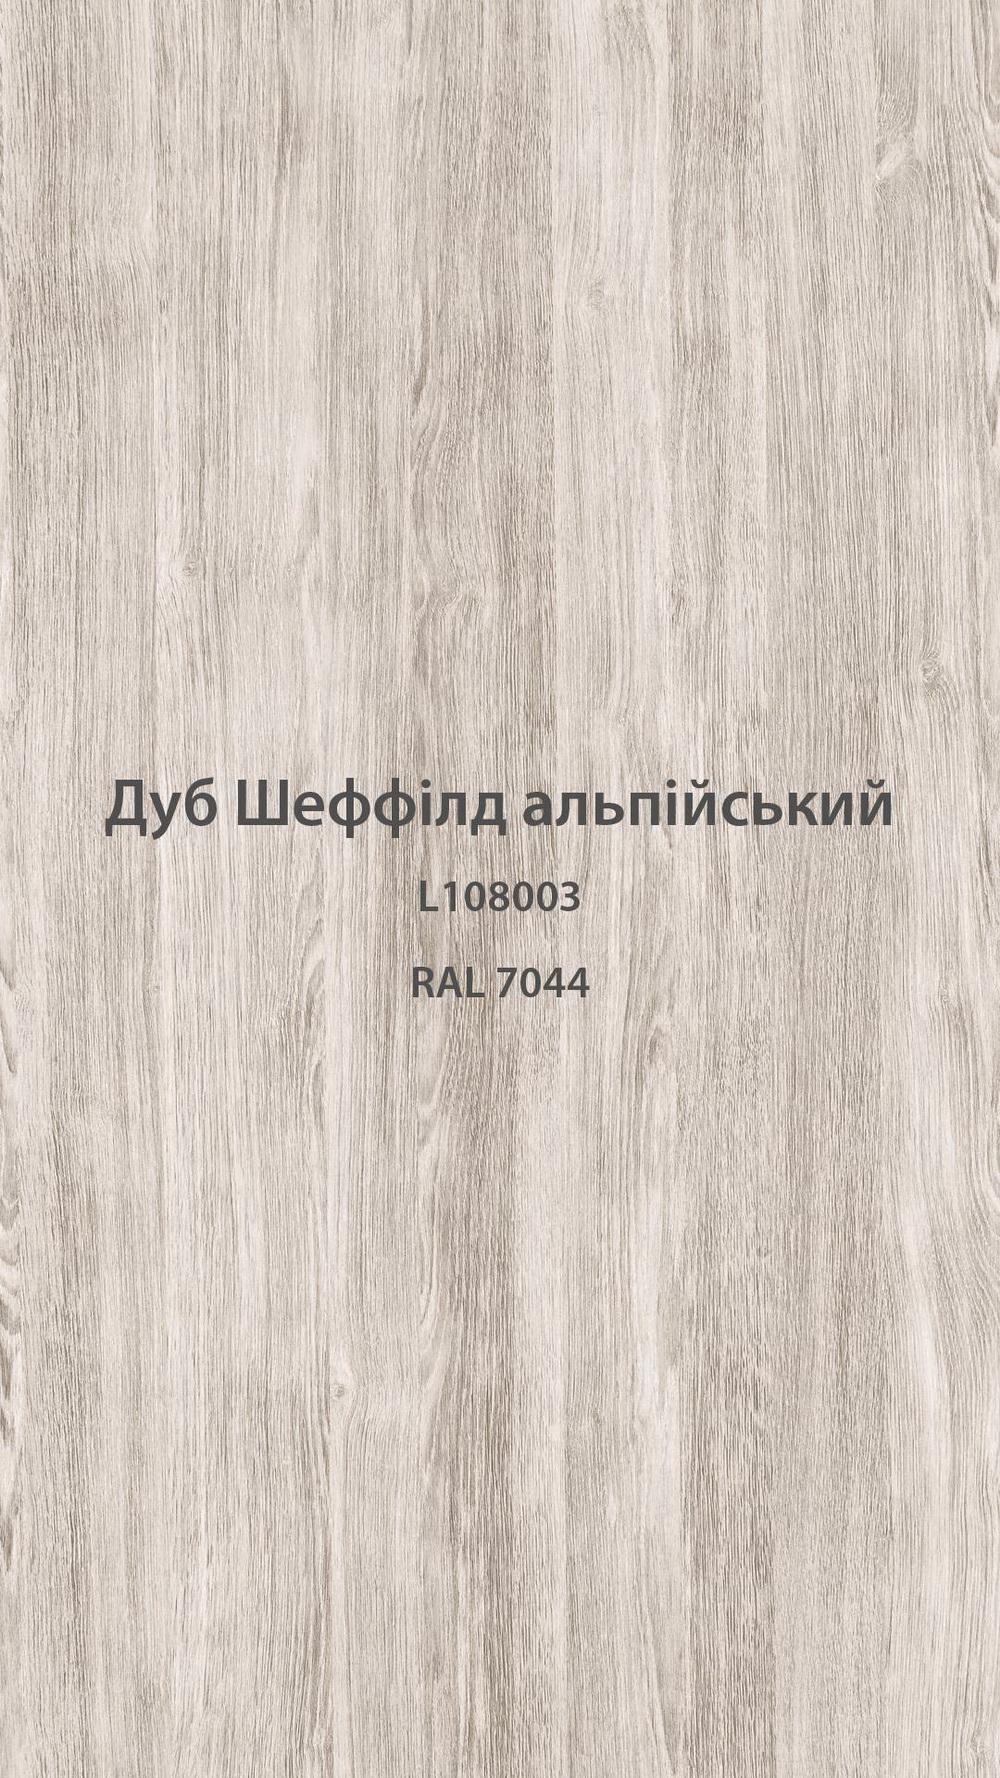 Дуб Шеффілд альпійський - колір ламінації профілів заводу EKIPAZH